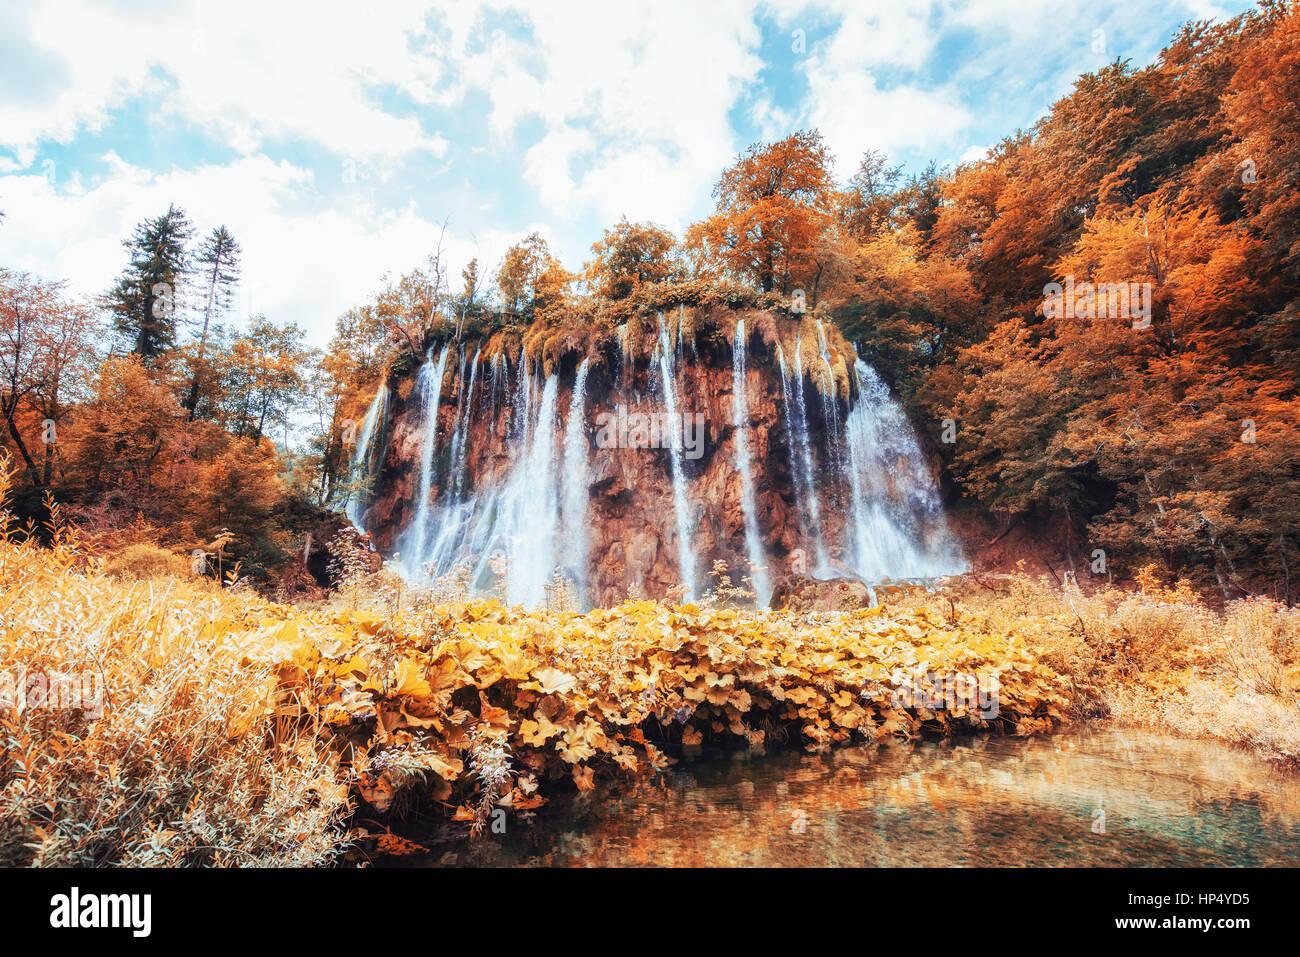 Fantásticas vistas de las cascadas de agua azul turquesa y un sol Imagen De Stock